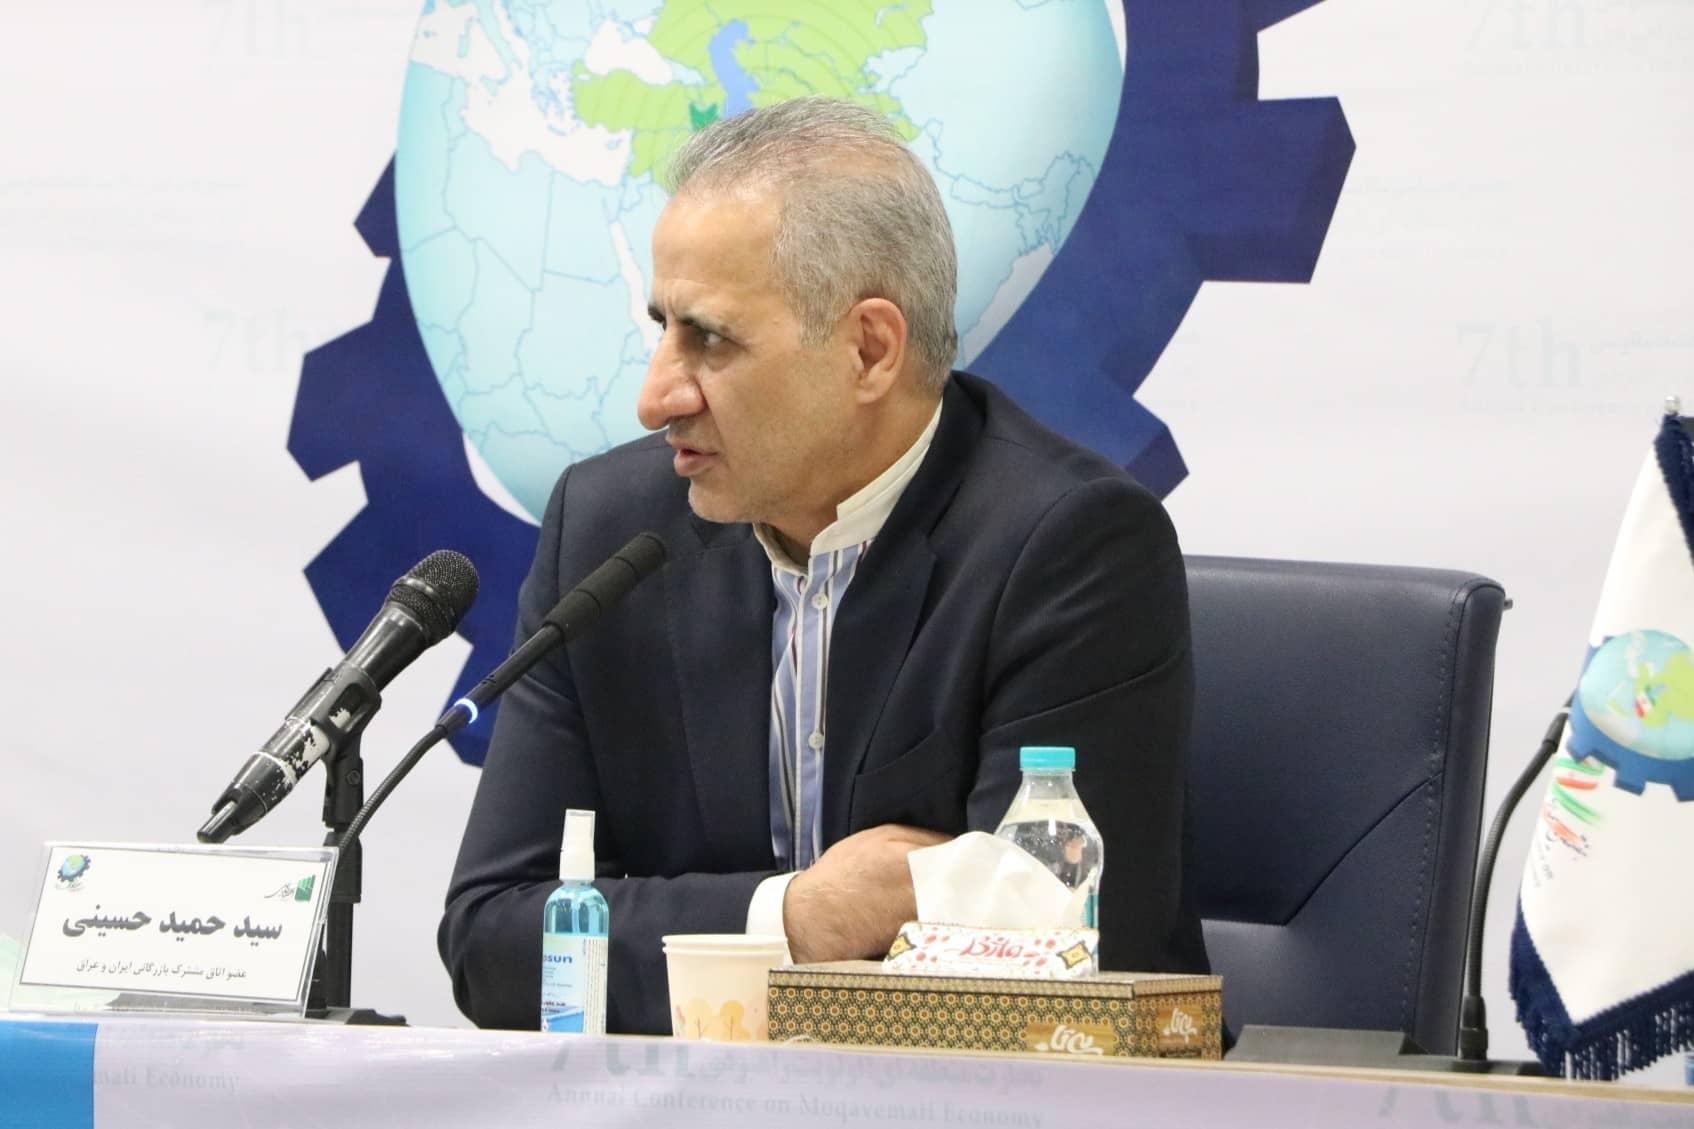 صادرات تجارت منطقه ای هفتمین همایش سالانه اقتصاد مقاومتی